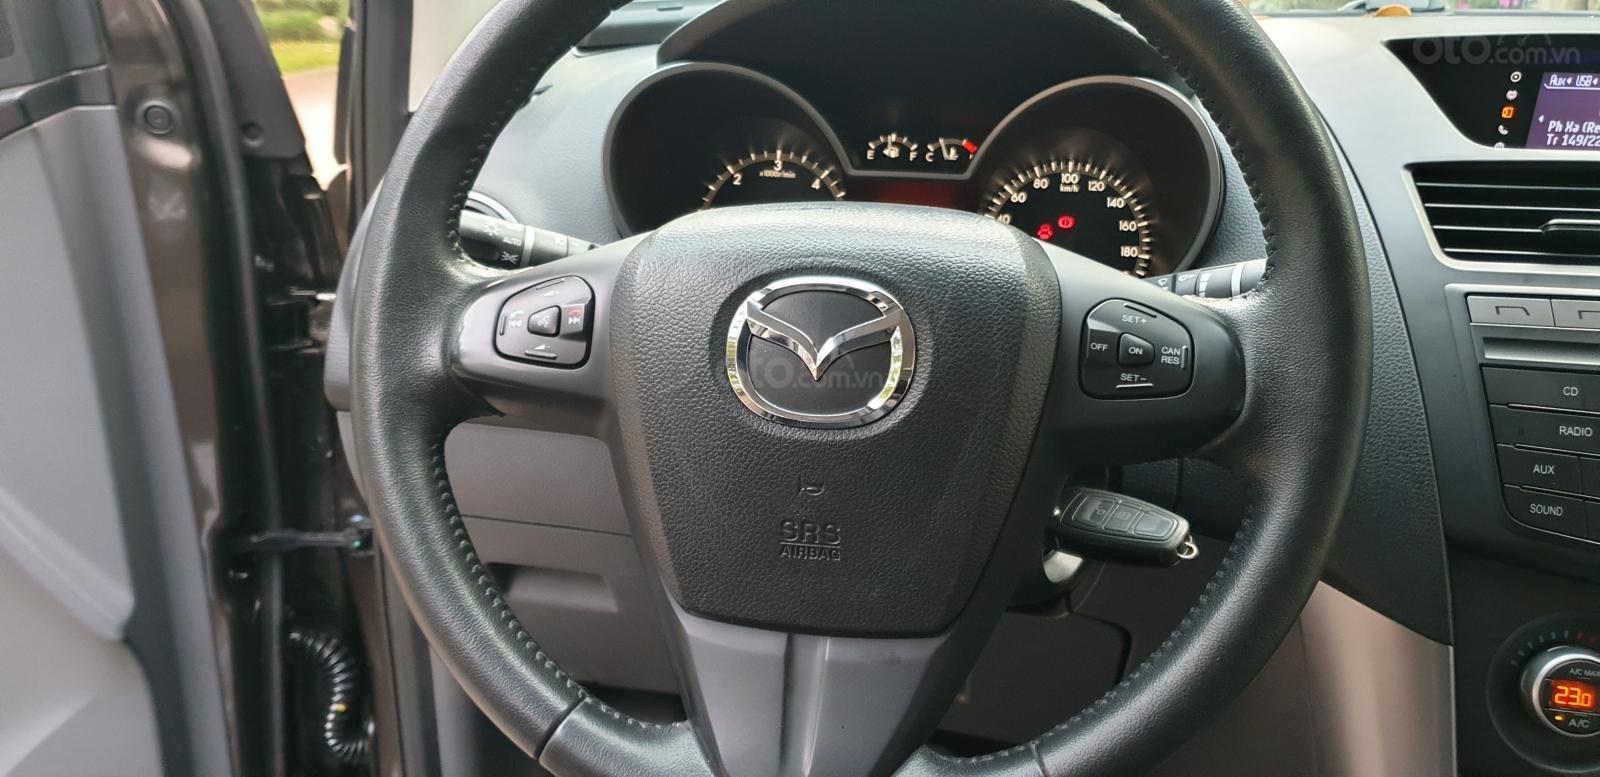 Bán Mazda BT 50 máy dầu, 2.2 số tự động, model 2018 đời T10/2017, màu nâu, nhập khẩu mới 95%-14